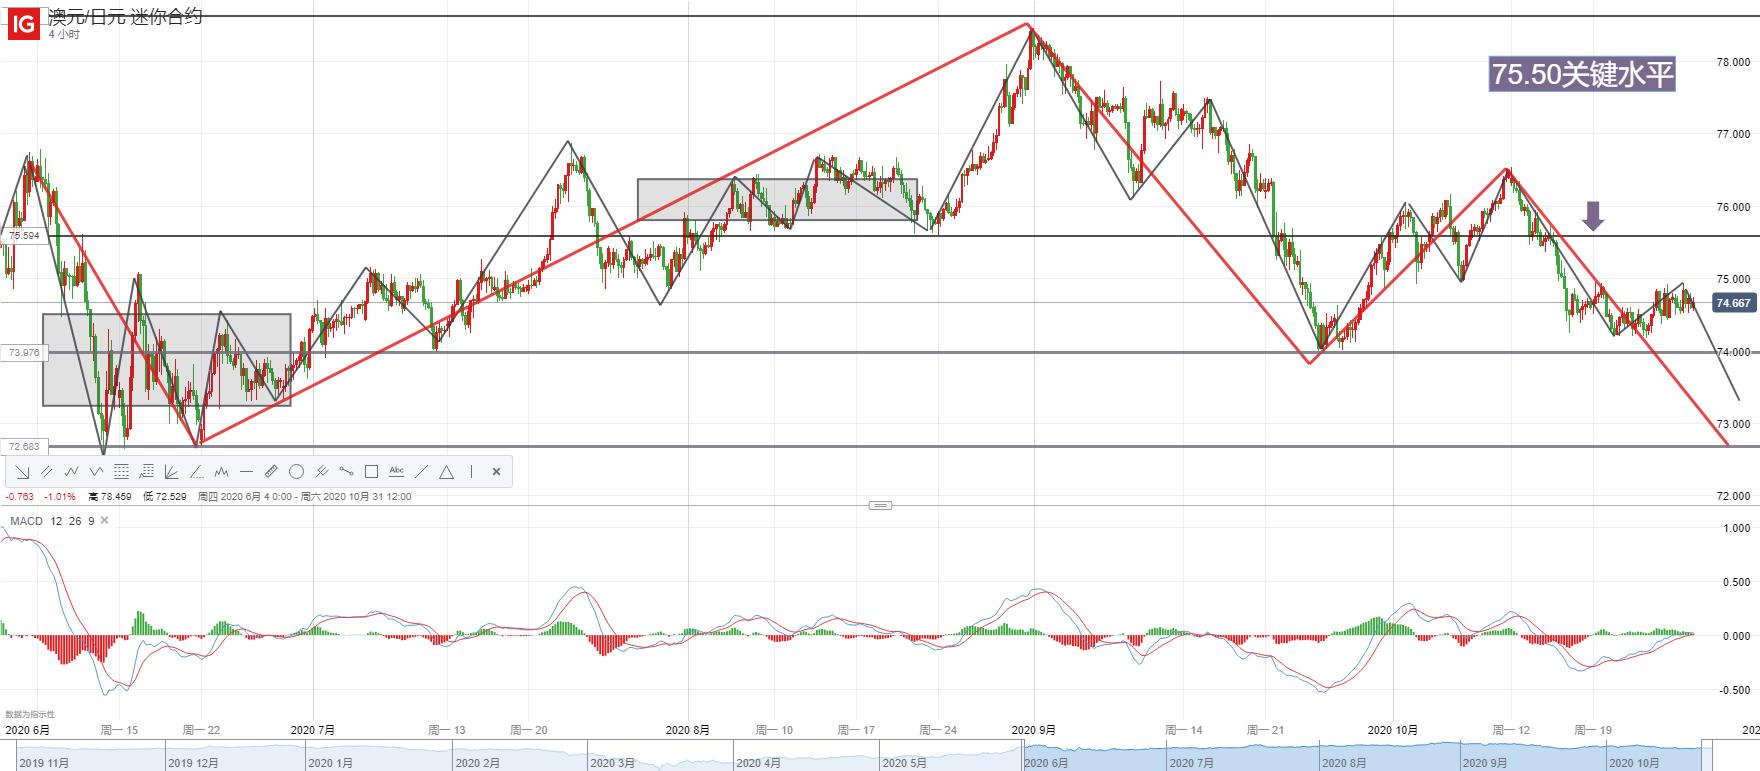 全球经济前景蒙阴、贸易局势搅局,澳元/日元、欧元/日元存下行风险?